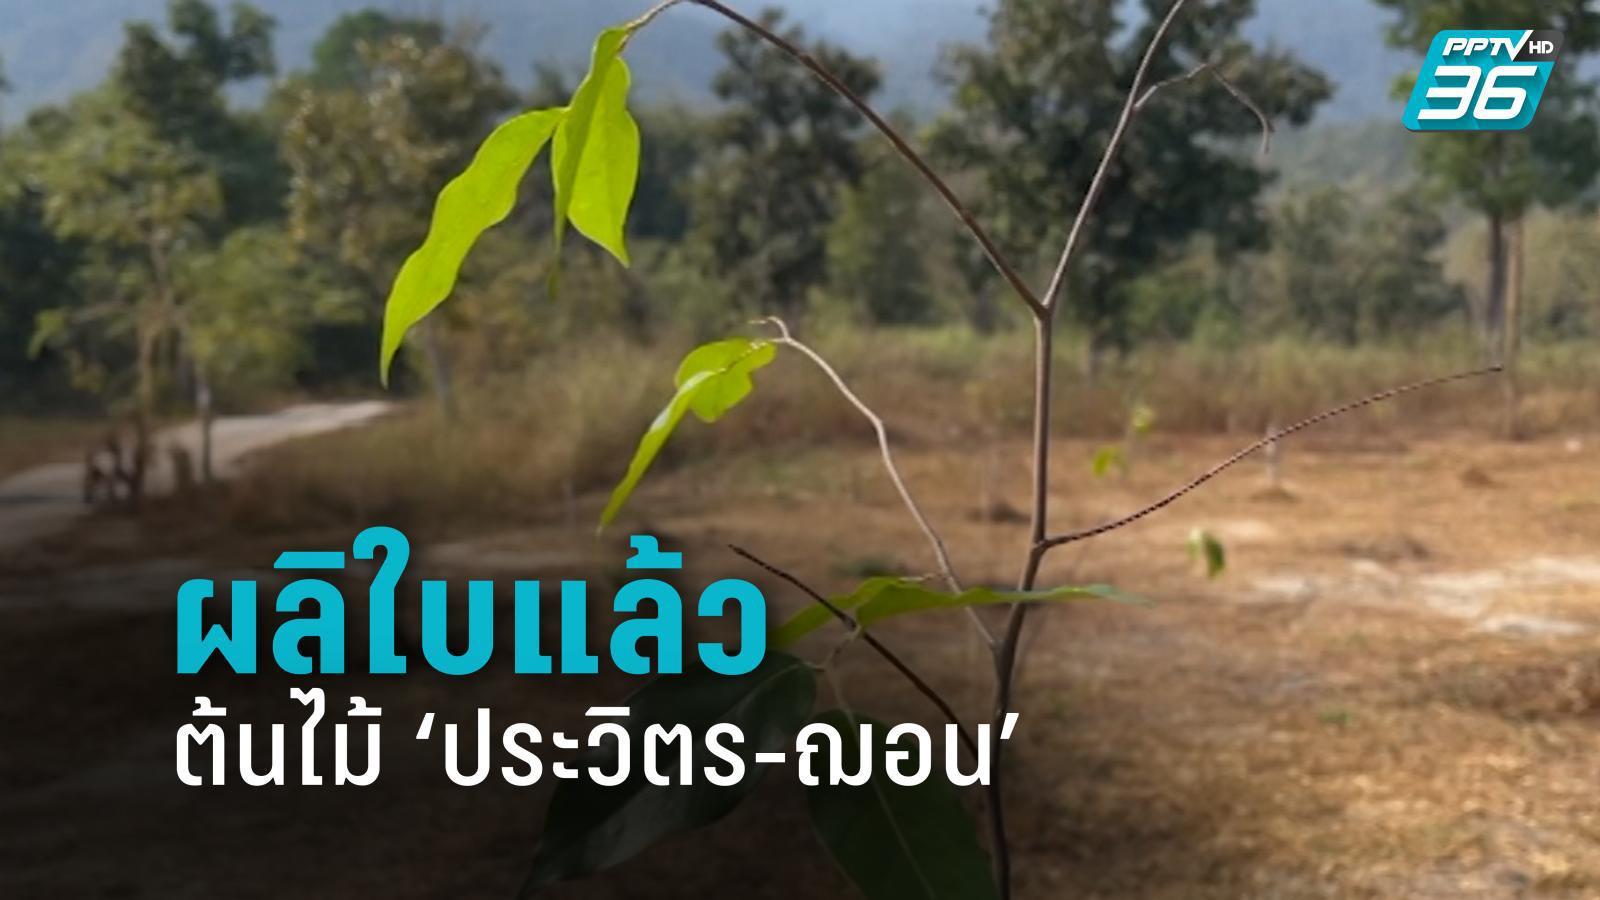 """ผลิใบแล้ว ต้นไม้  """"ประวิตร-ฌอน"""" กรมป่าไม้นำรถน้ำฉีดทุกวัน พร้อมแจงงบ 23 ล้าน"""